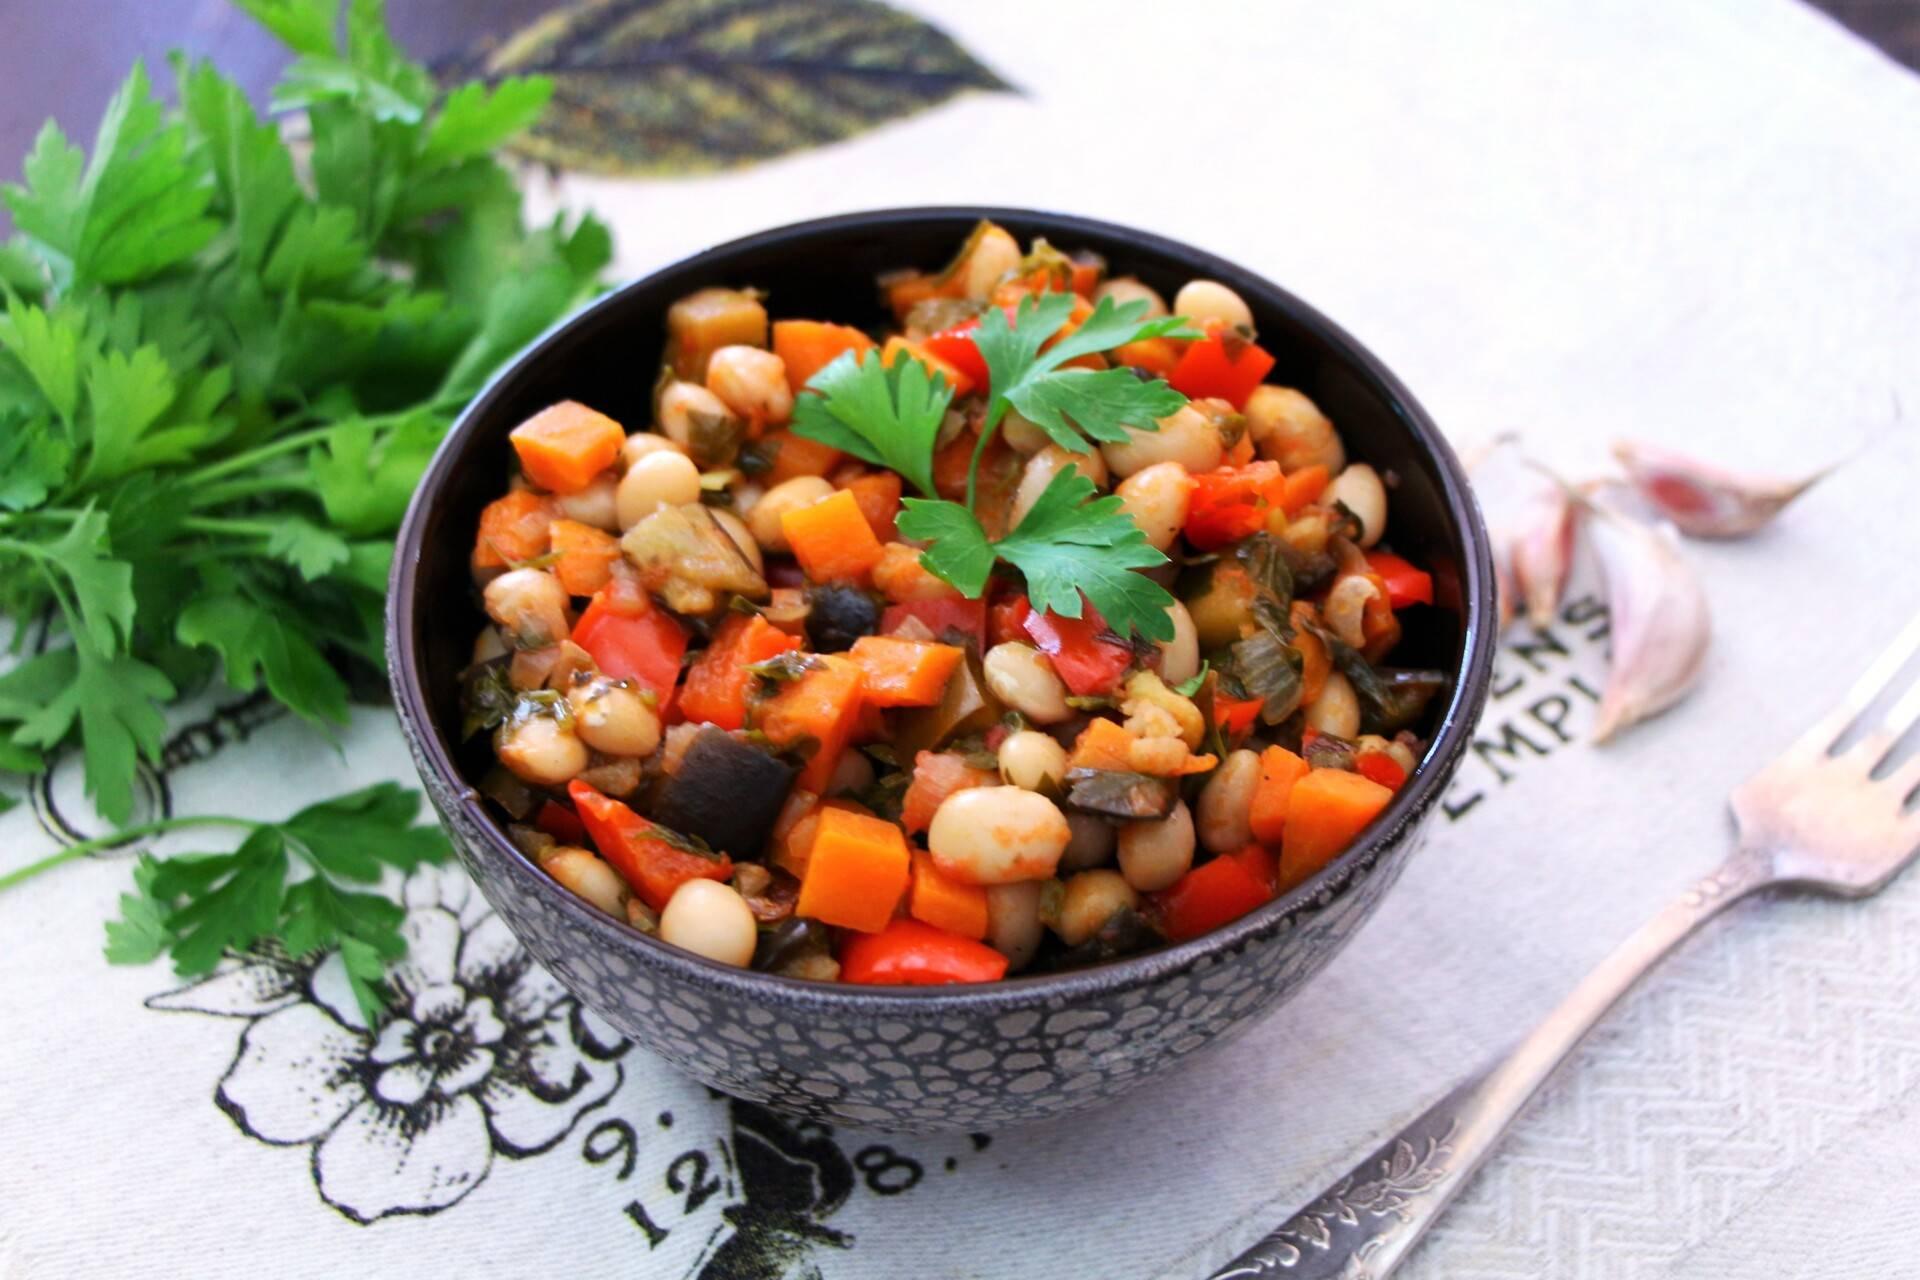 Рецепты приготовления маринованной спаржевой фасоли на зиму в домашних условиях